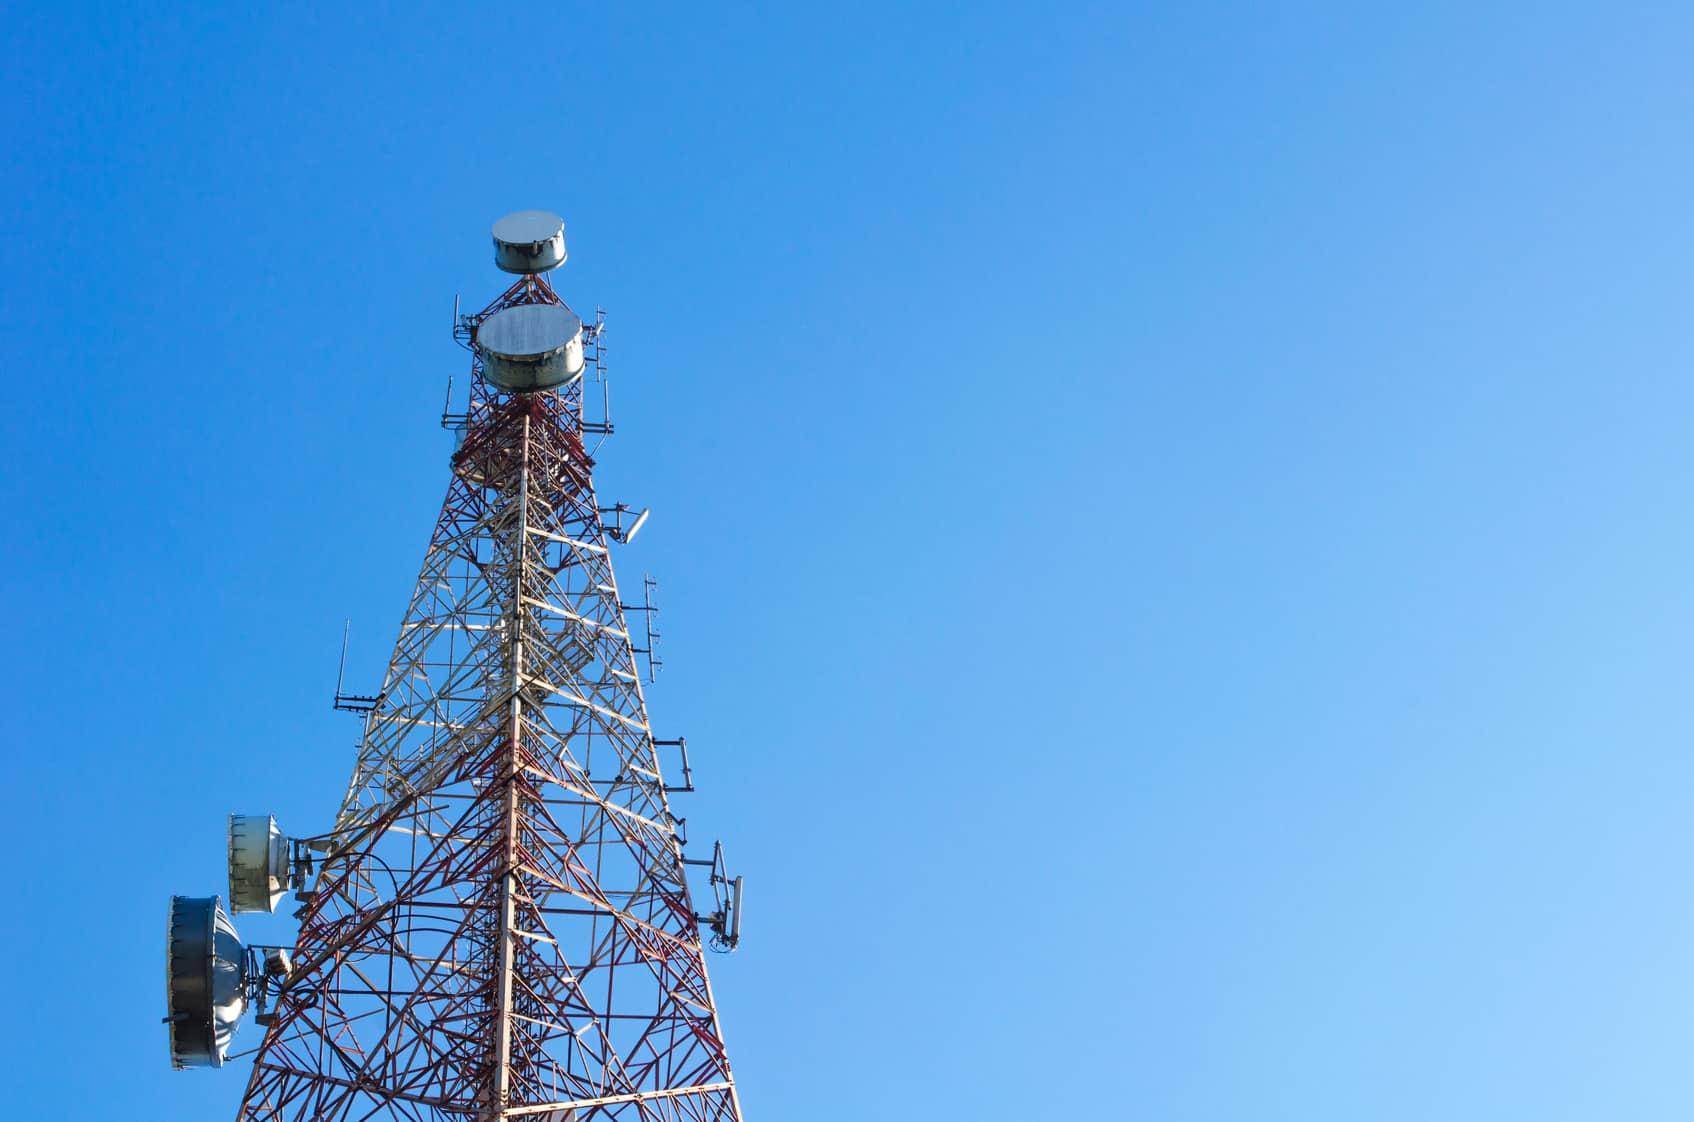 Desde la aplicación de lareforma en Telecomunicaciones y Radiodifusión, con la eliminación del cobro deLarga Distancia Nacional(LDN) y la aplicación de una política de tarifas asimétricas deinterconexiónen telefonía fija y móvil, los consumidores mexicanos ahorraron 133.700 millones de pesos (7.145,8 millones de dólares) entre 2015 y 2017.